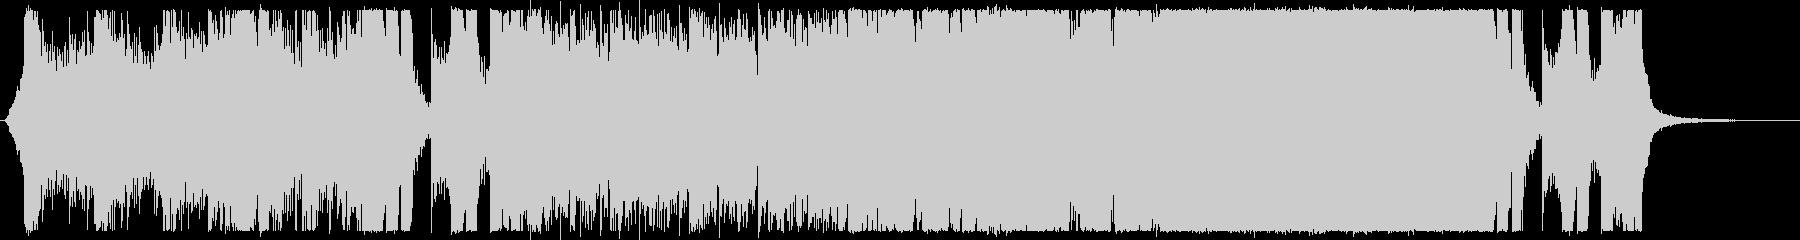 レイドボス戦闘シーン3の未再生の波形